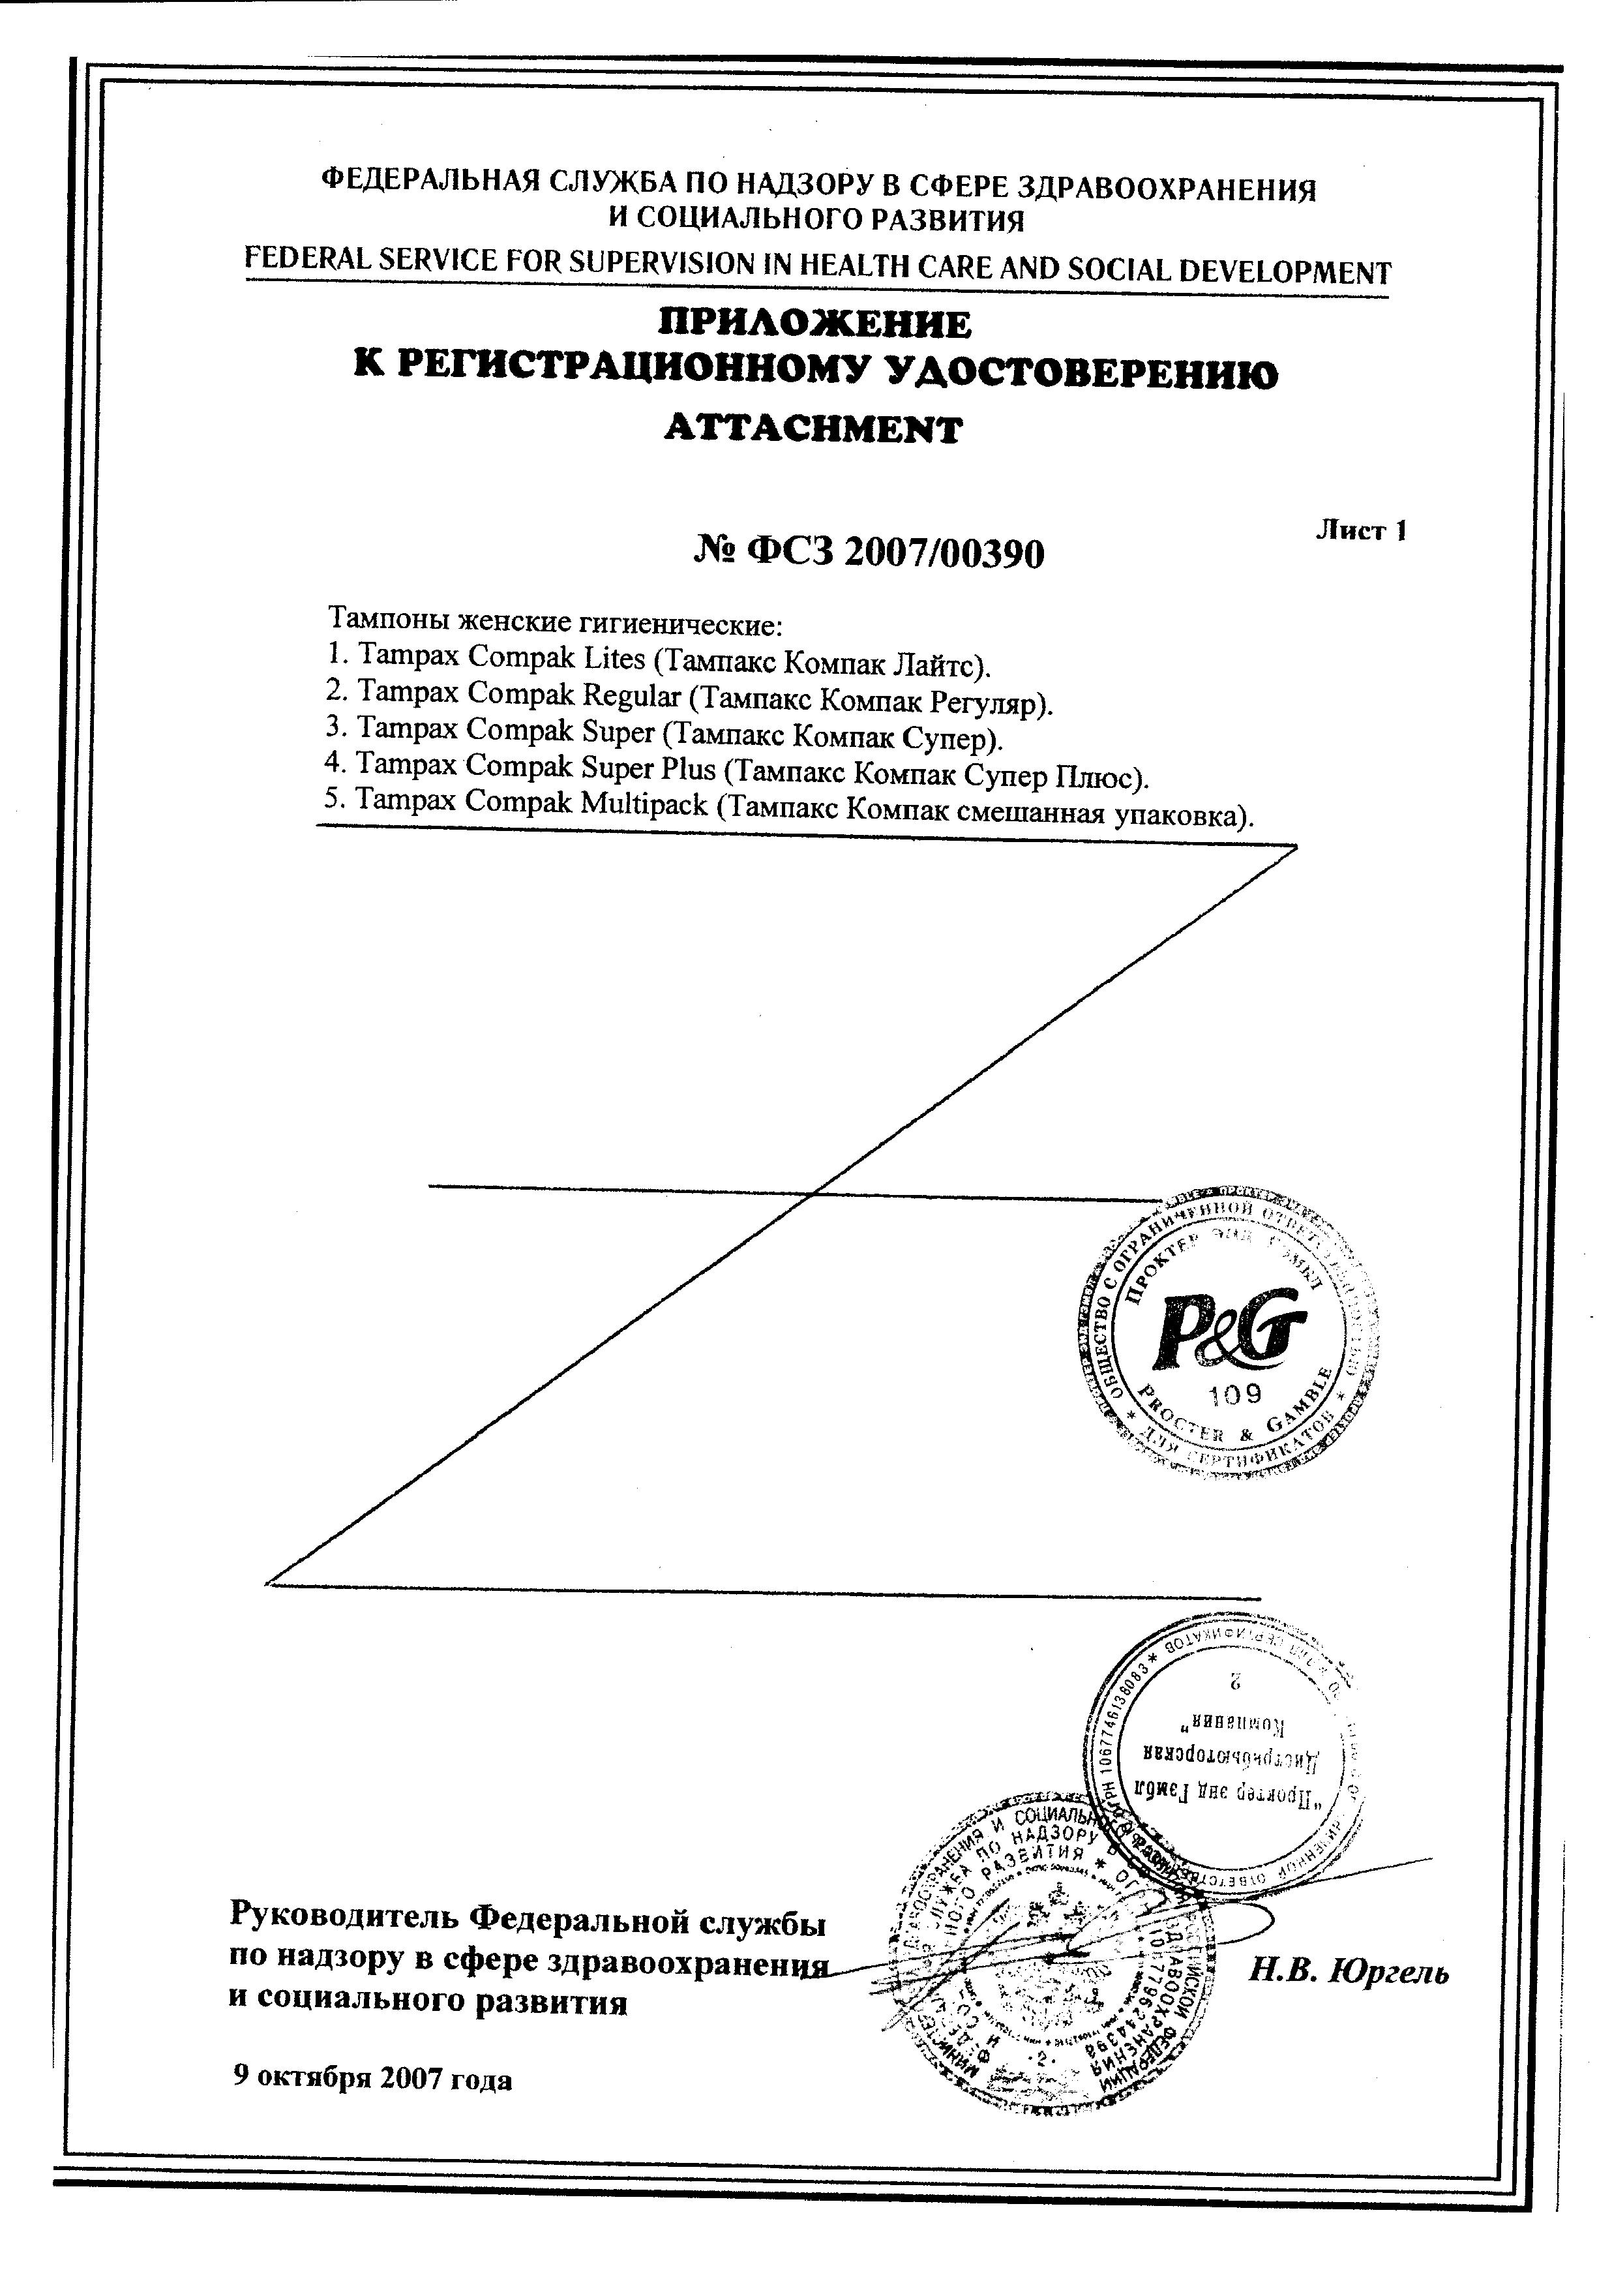 Tampax Compak regular тампоны с аппликатором сертификат